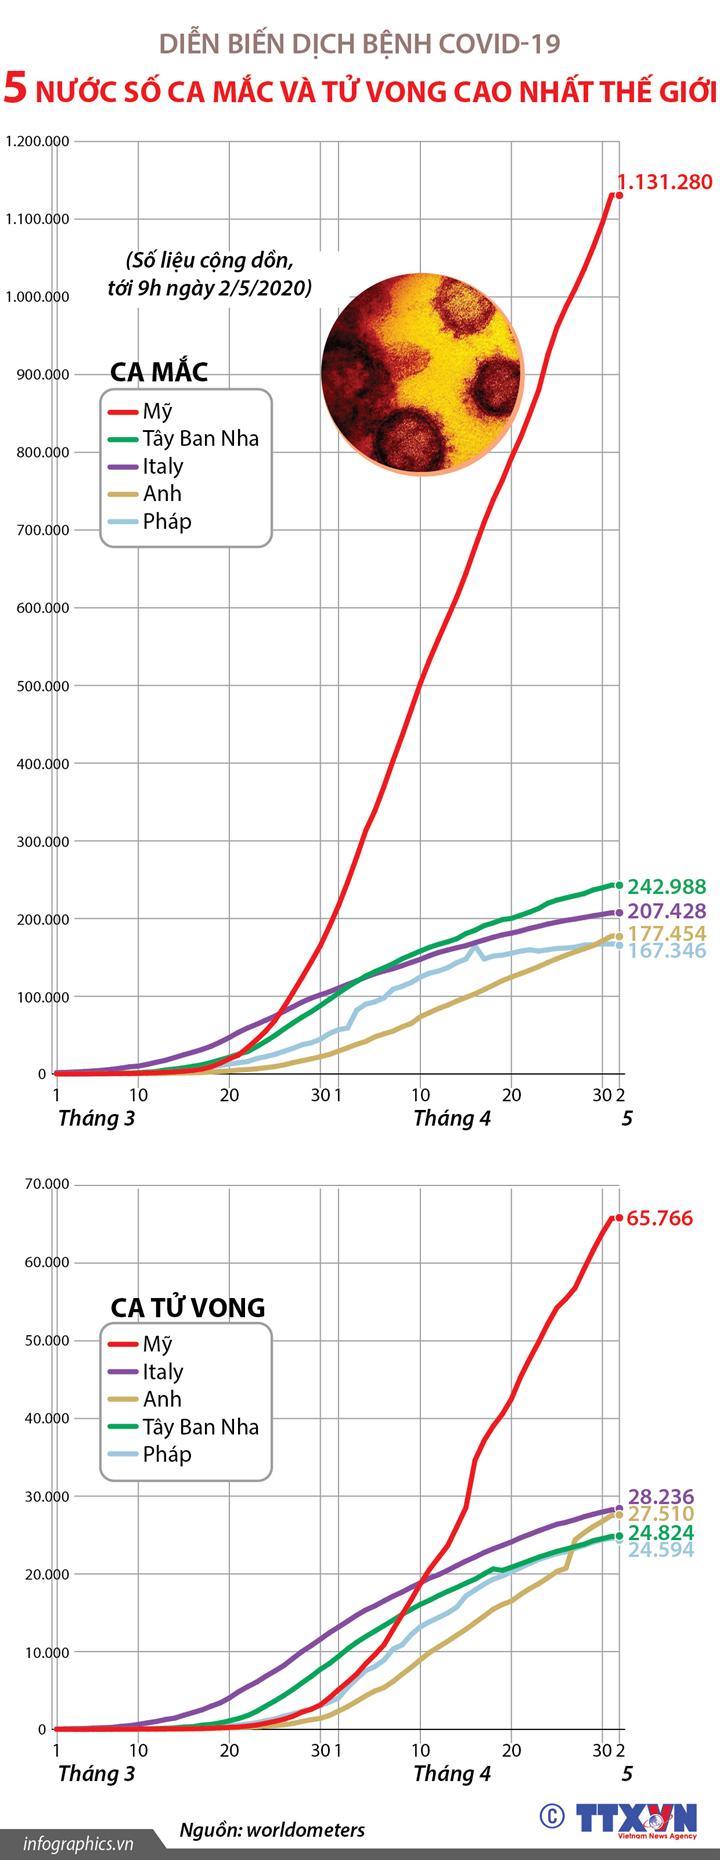 Dịch bệnh COVID-19: 5 nước có số ca mắc và tử vong cao nhất thế giới (tính đến 9h ngày 2/5/2020)